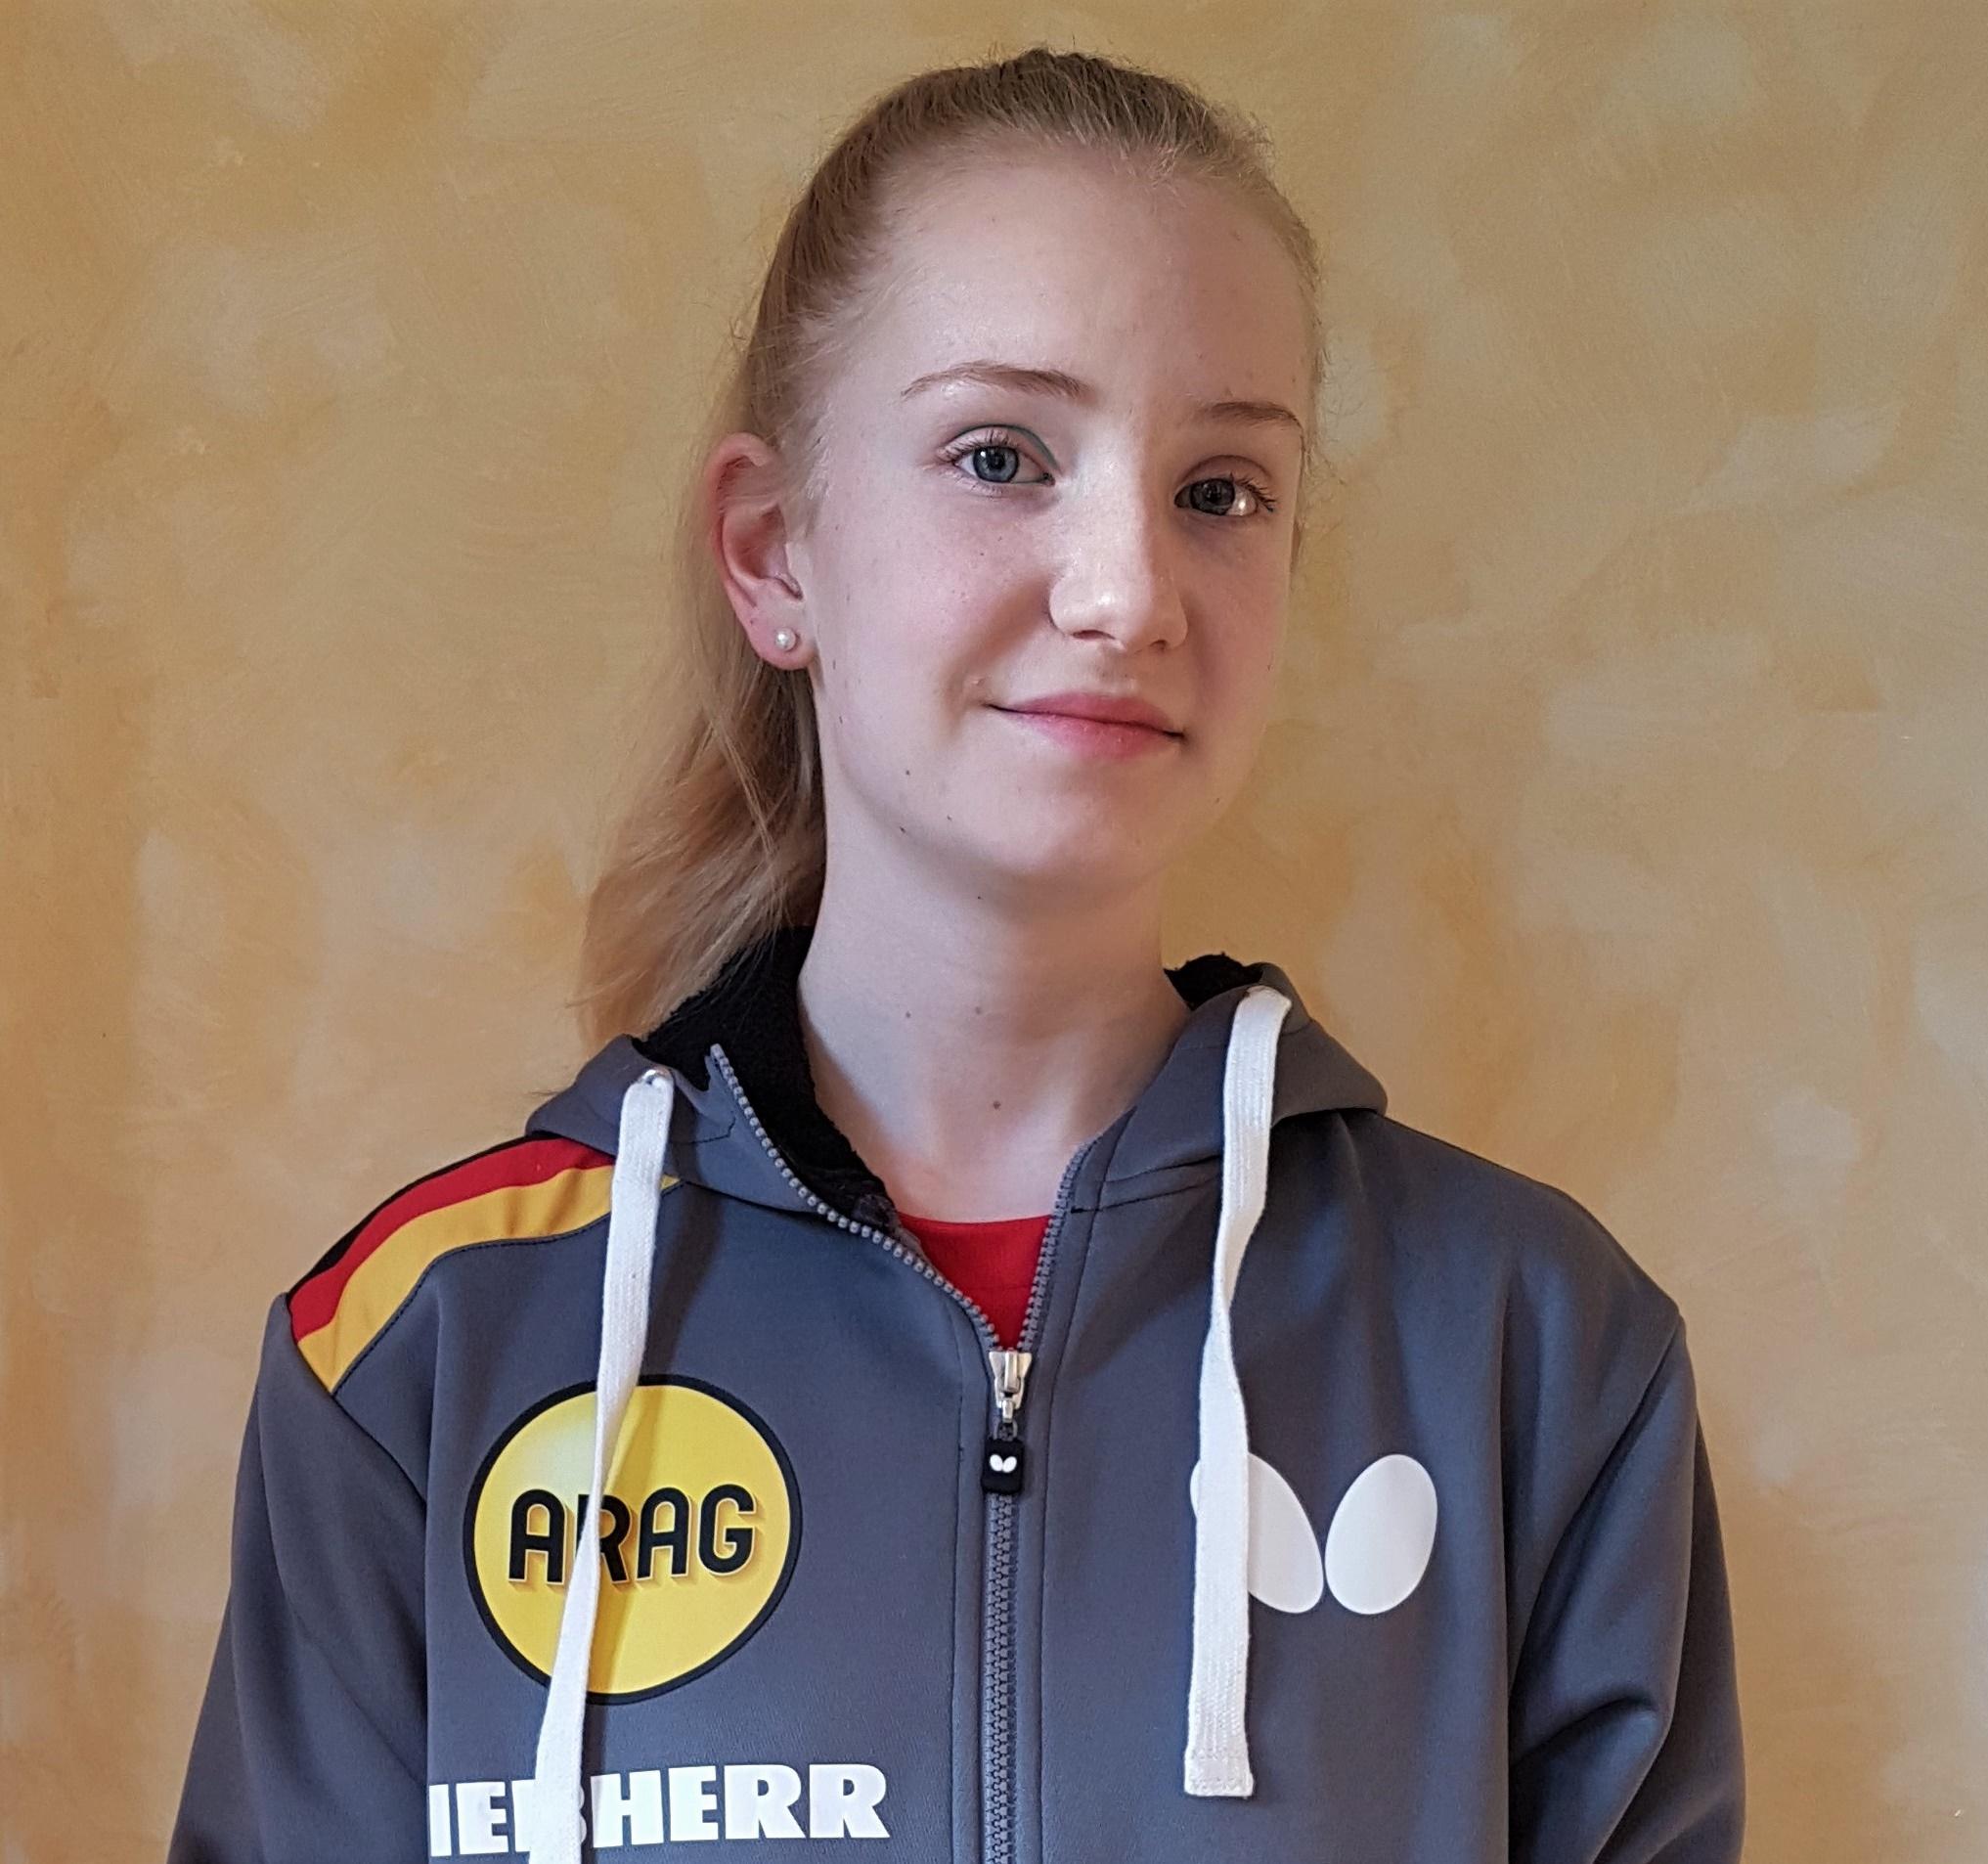 Lisa Göbecke mit hervorragendem Auftritt bei den Belgien Open in Spa